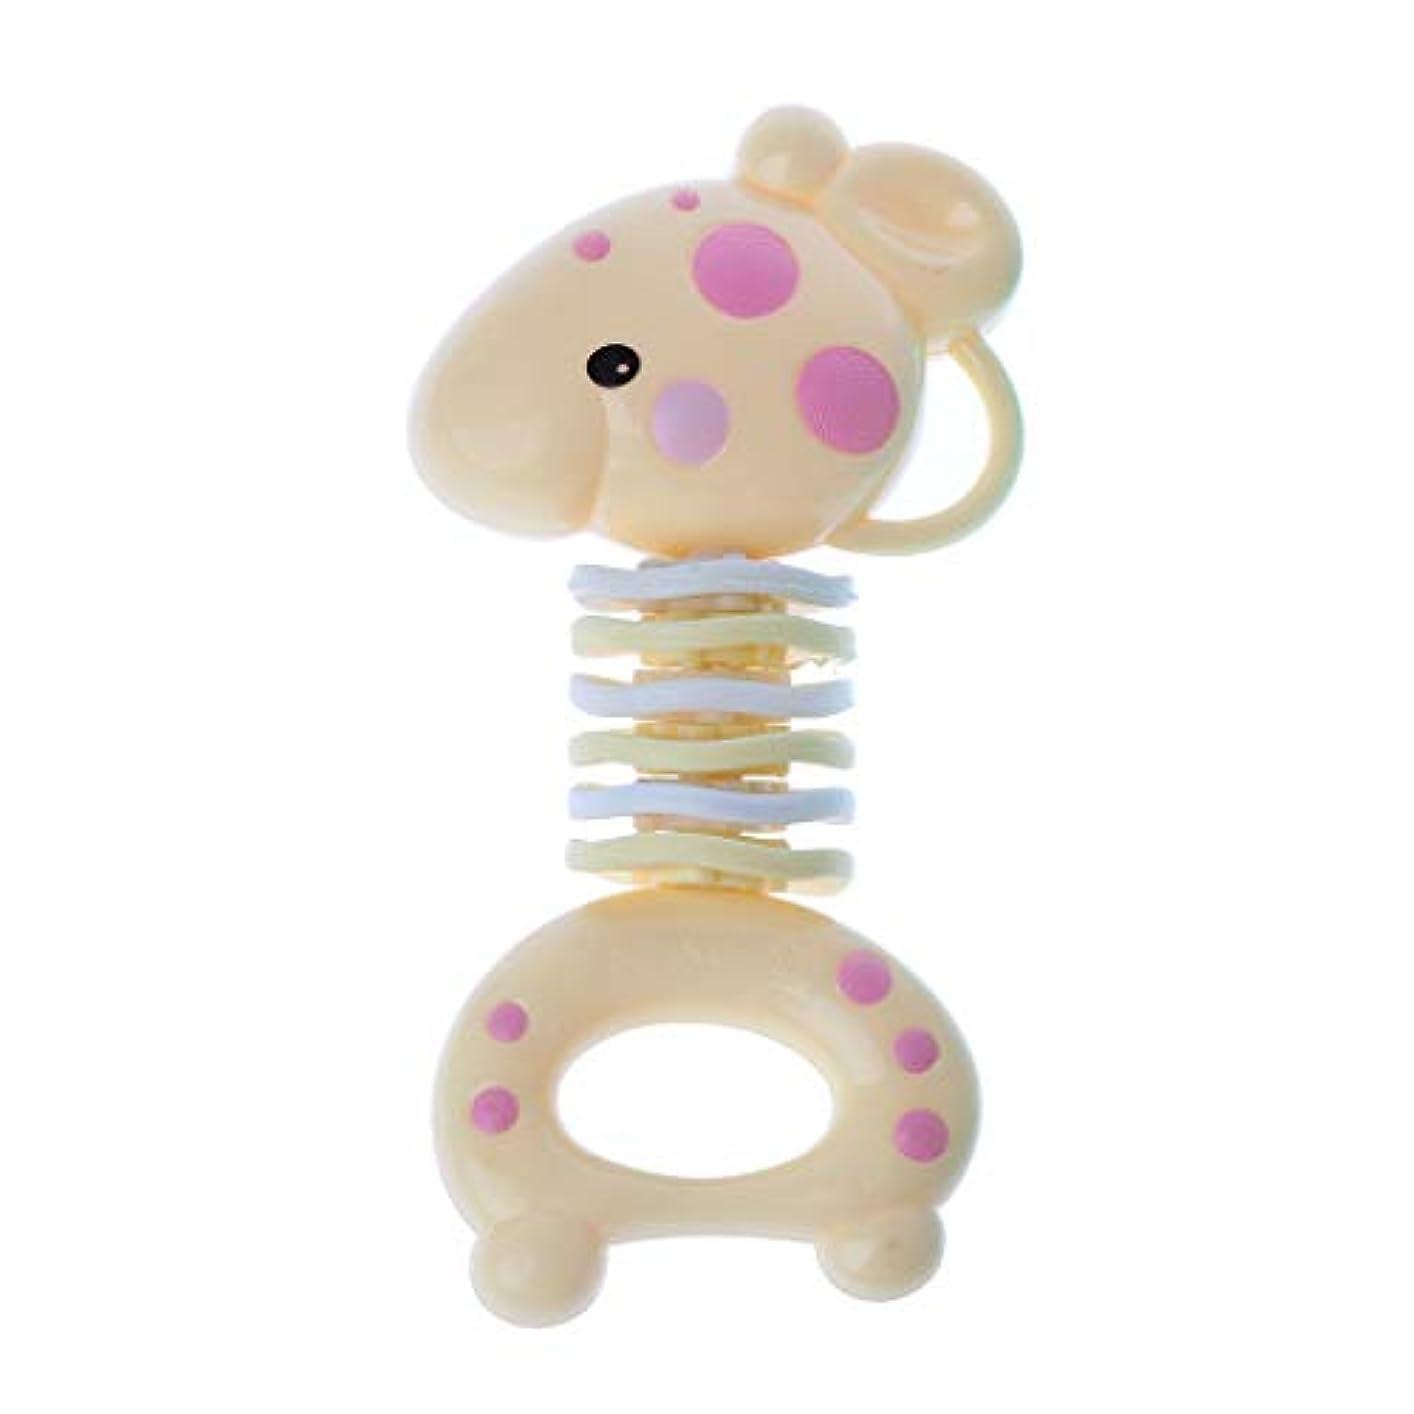 悪性の上院歩行者Landdumシリコーン歯が生える癒しのおもちゃ赤ちゃんのおしゃぶりスティック固体の歯の赤ちゃんのガラガラのおしゃぶり玩具グッタ臼歯バーベル - カニ